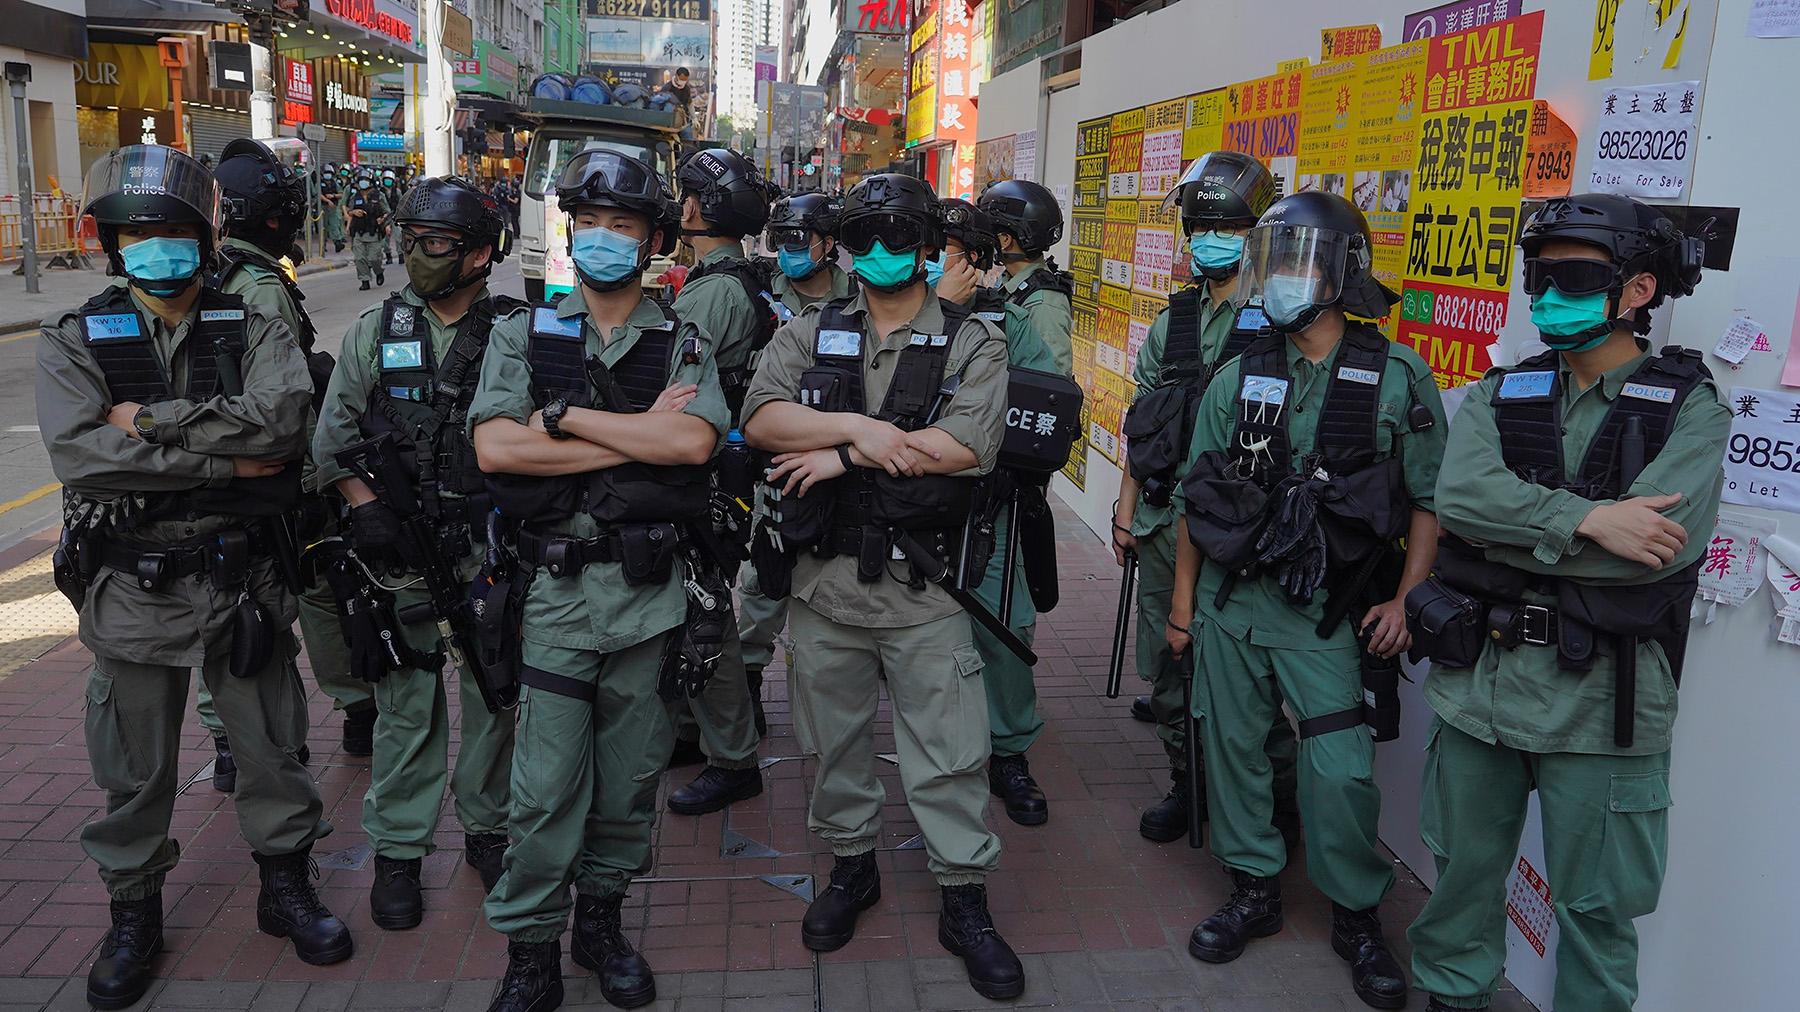 2020年6月28日,香港警察与抗议者对峙。(美联社)